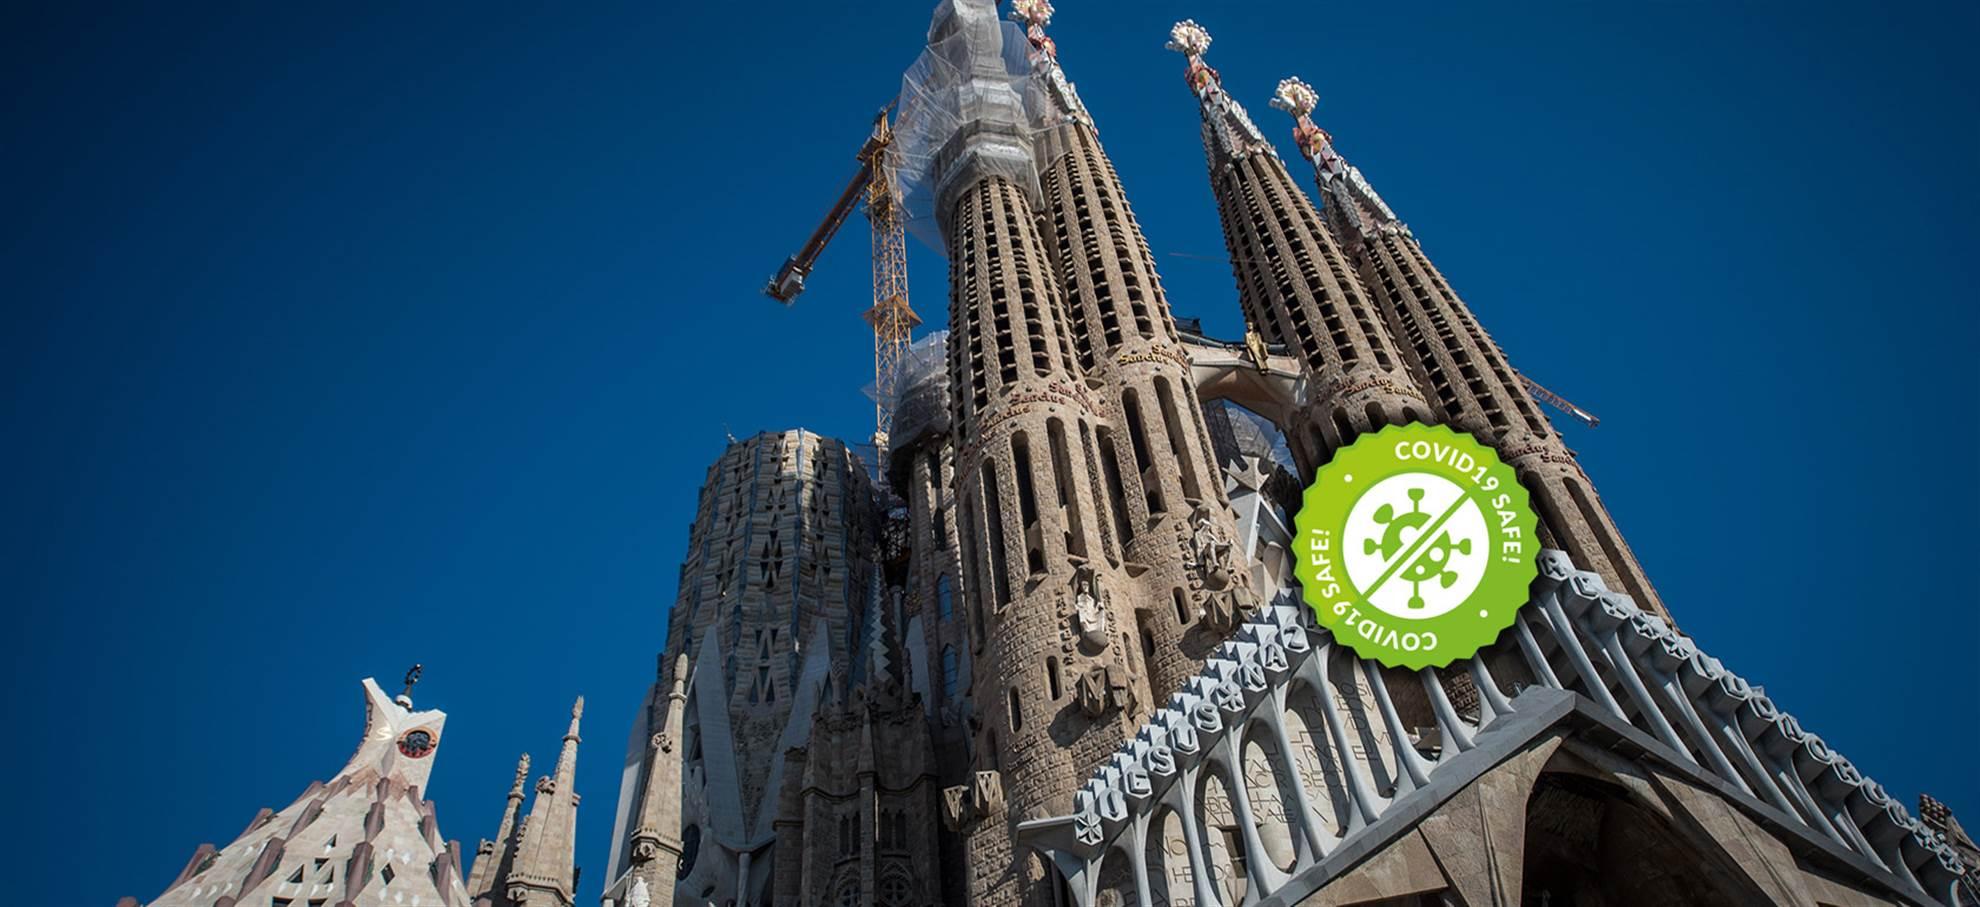 Tour das Fachadas da Sagrada Família